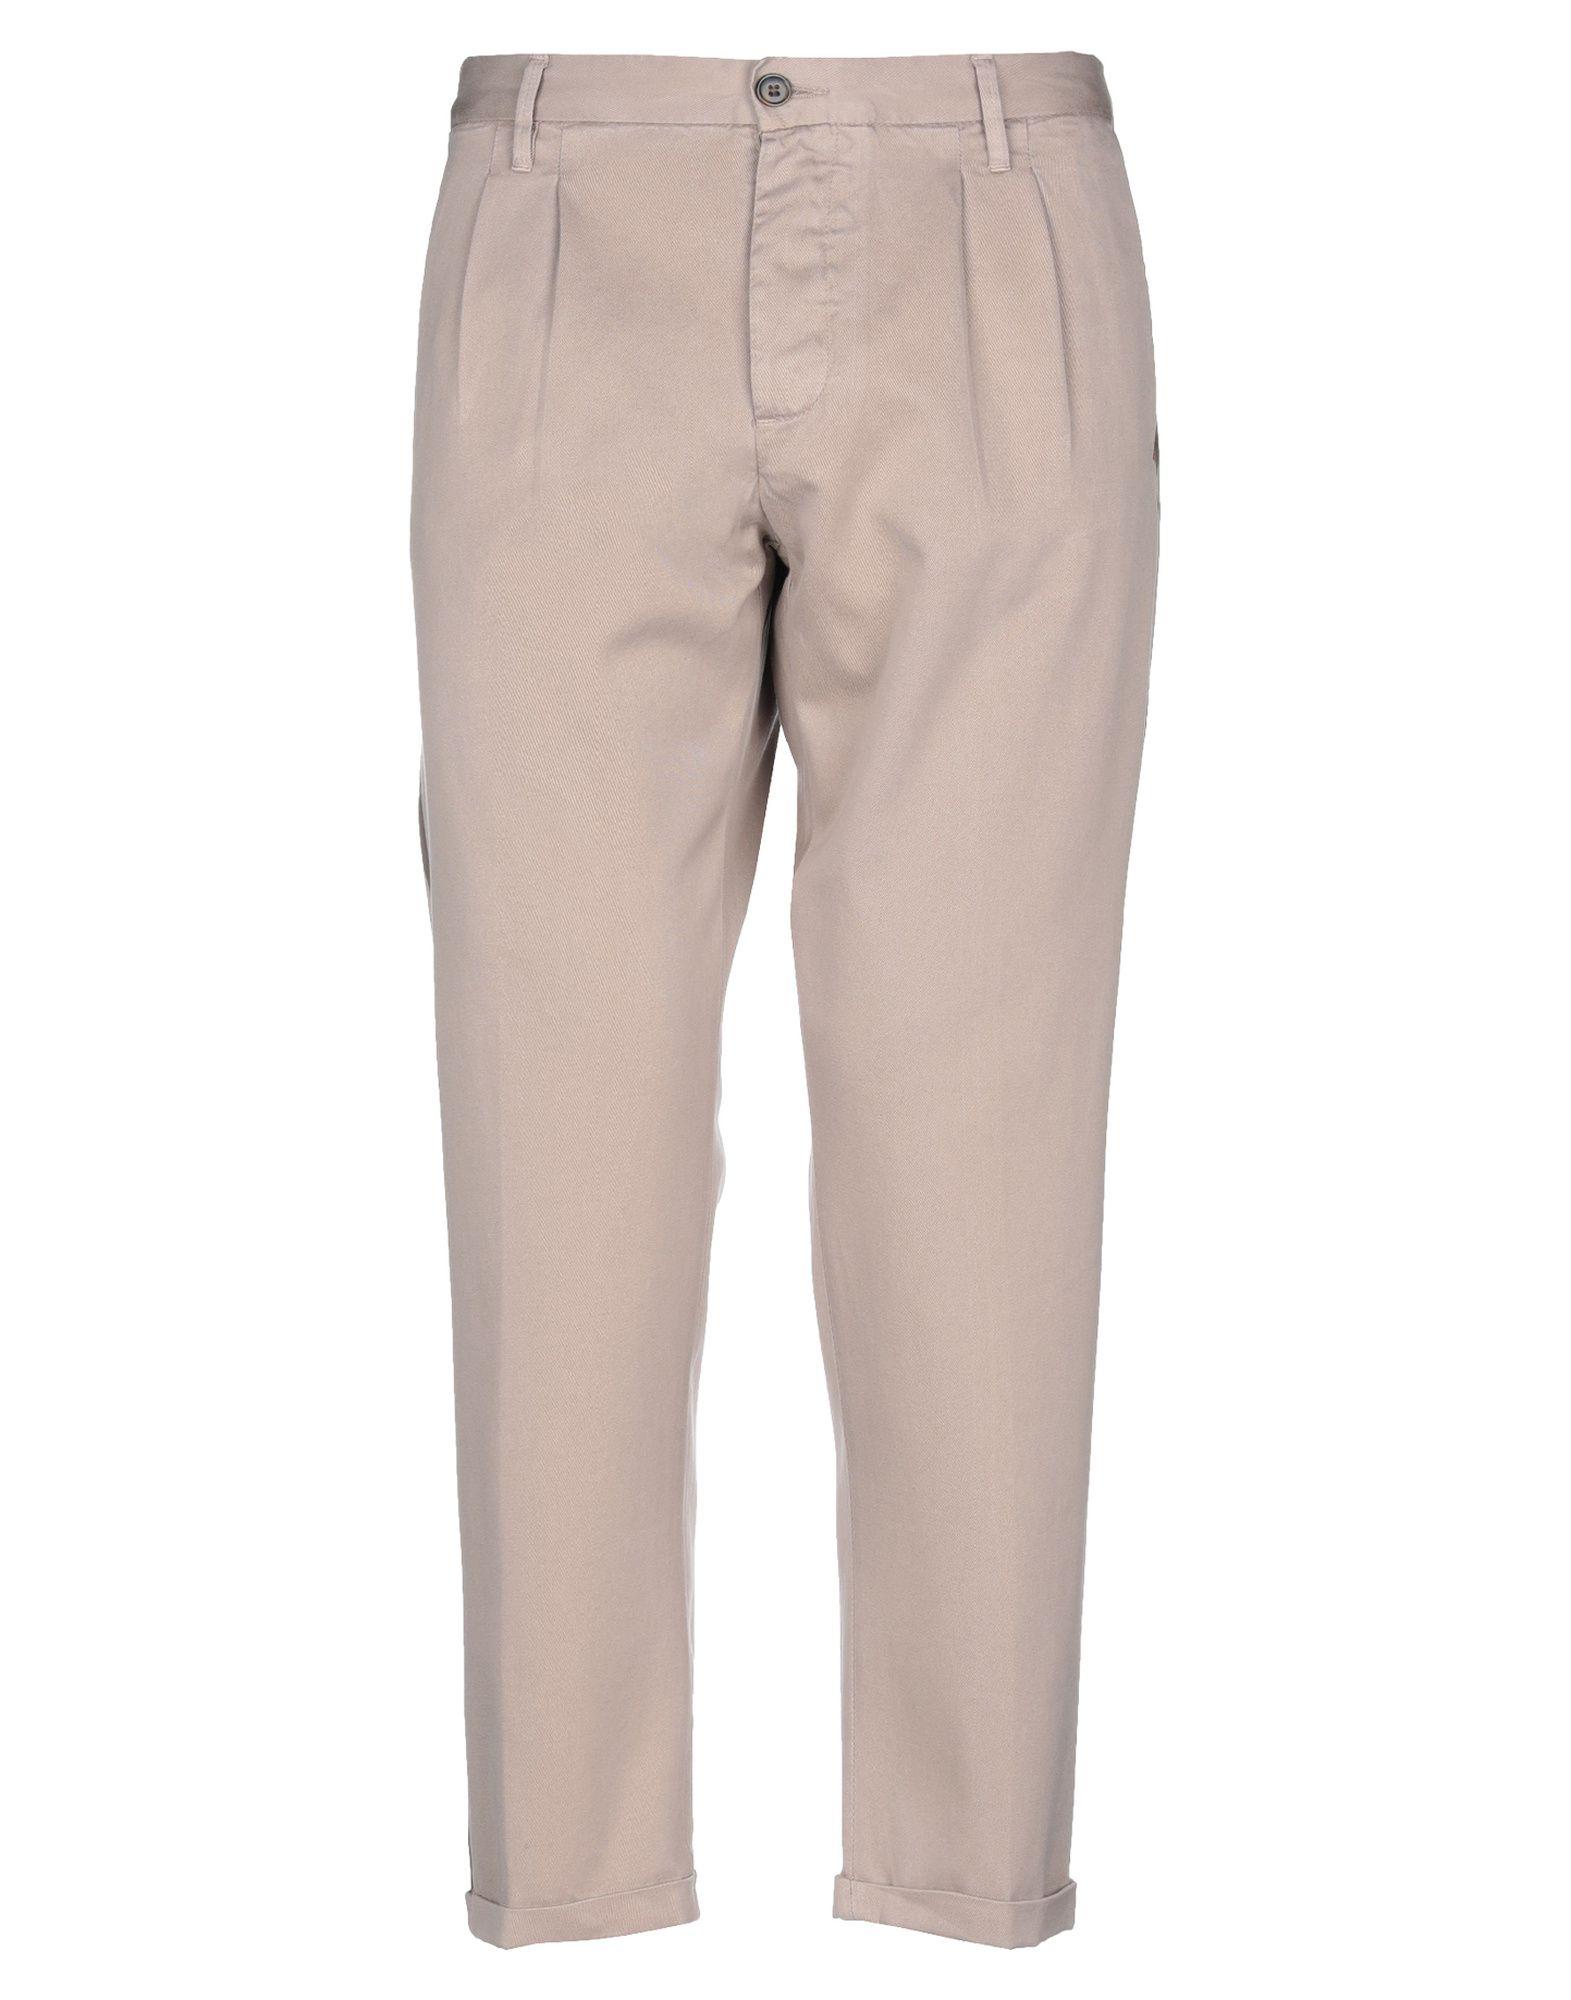 《送料無料》(+) PEOPLE メンズ パンツ サンド 35 コットン 100%